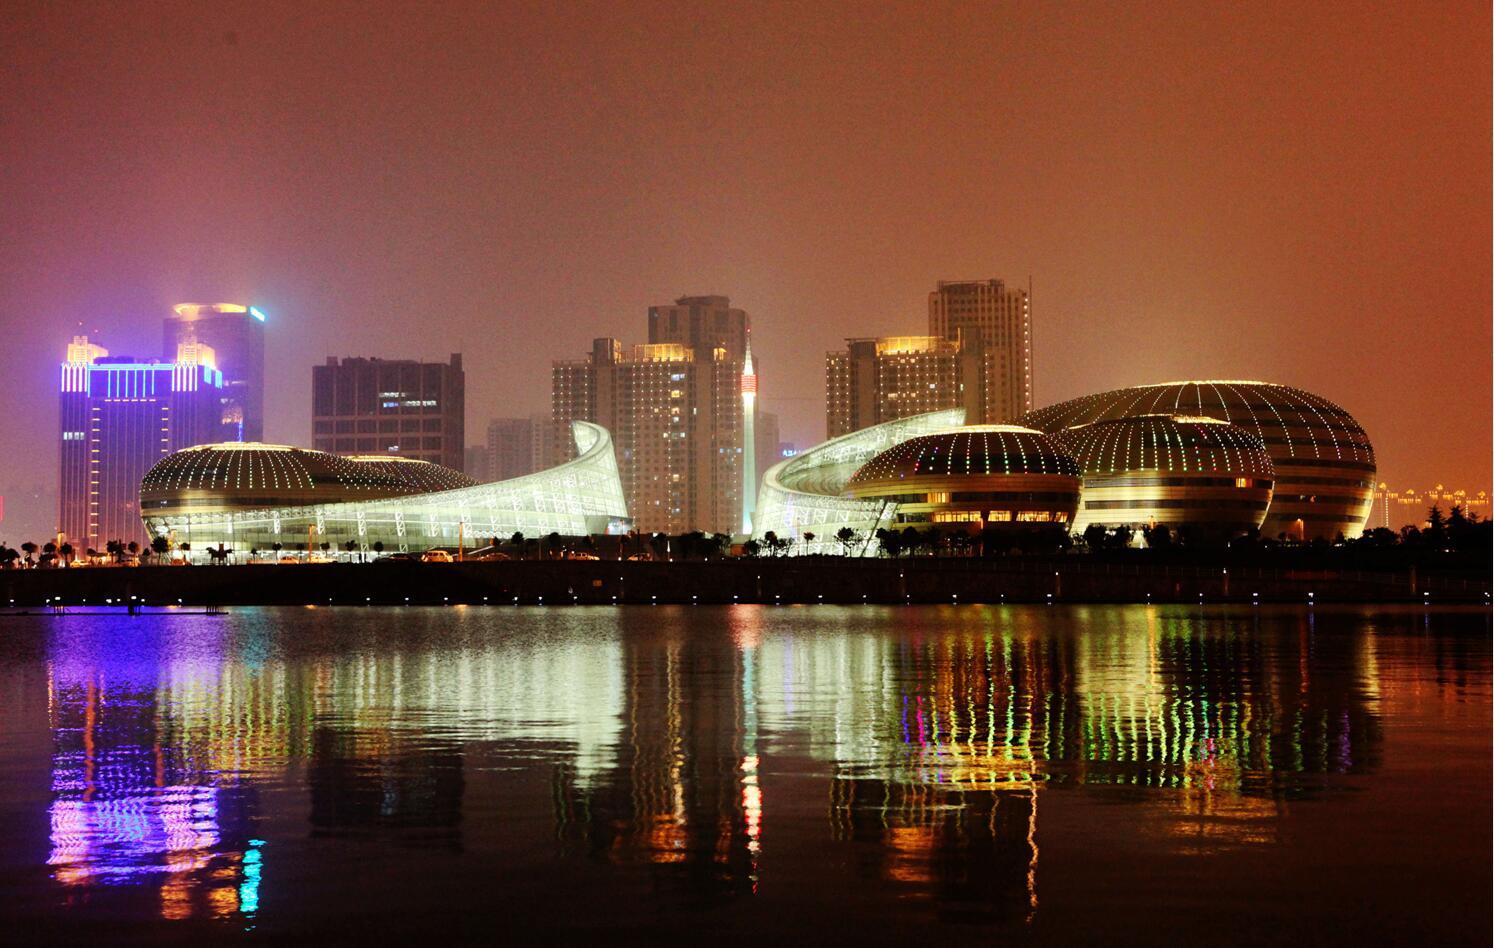 使用兴发铝型材工程:中原大地艺术殿堂之河南艺术中心